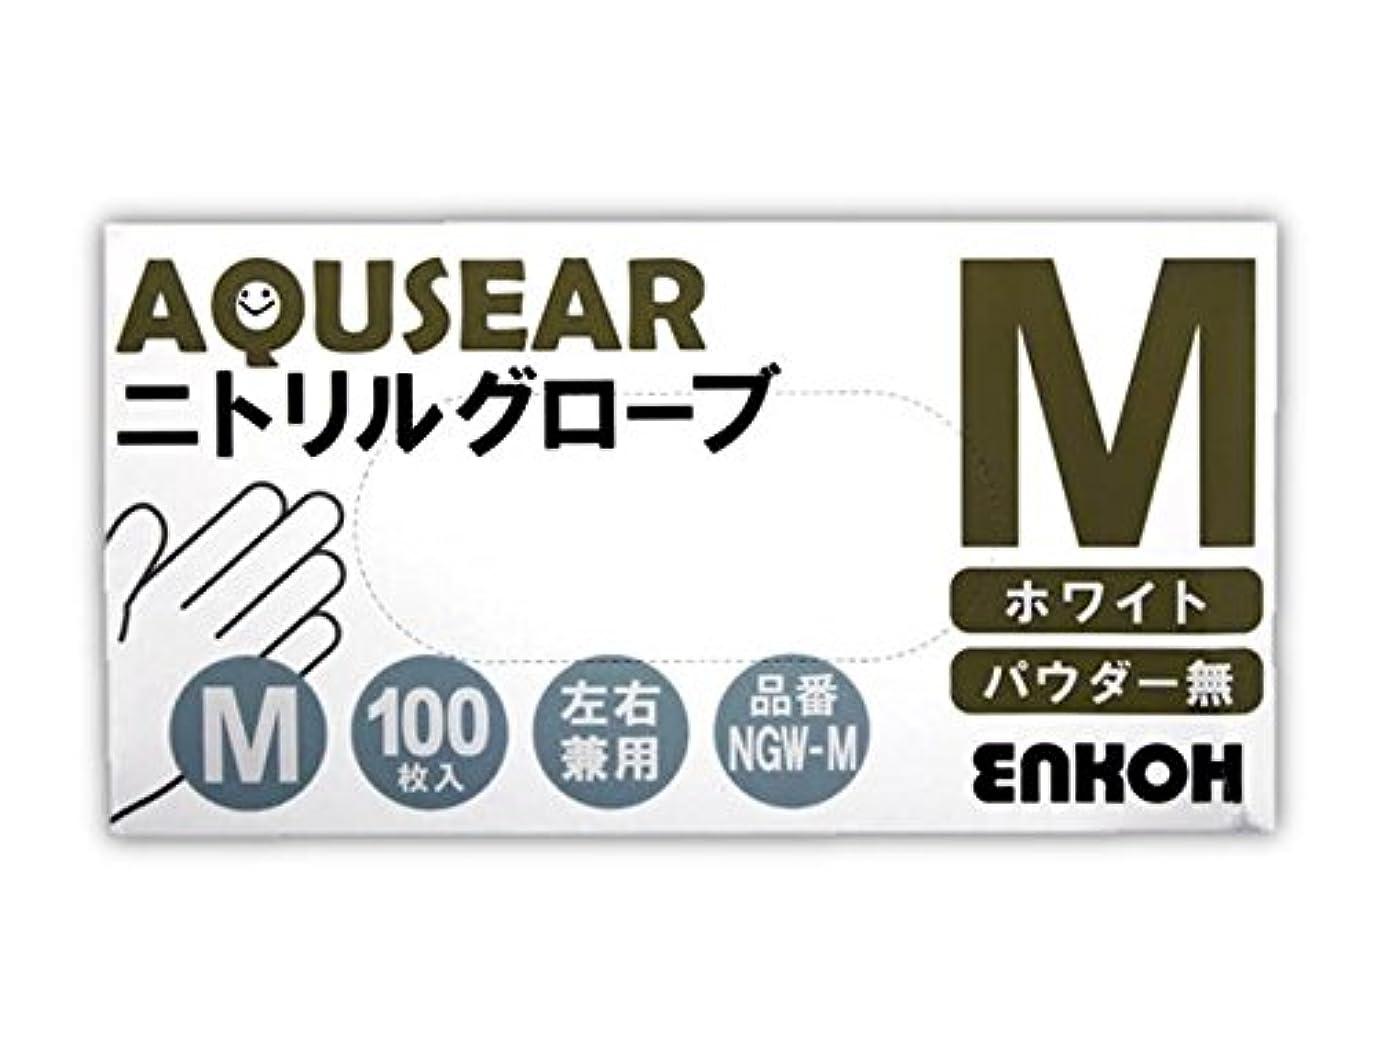 幸福なる区別AQUSEAR ニトリルグローブ パウダー無 M ホワイト NGW-M 1箱100枚